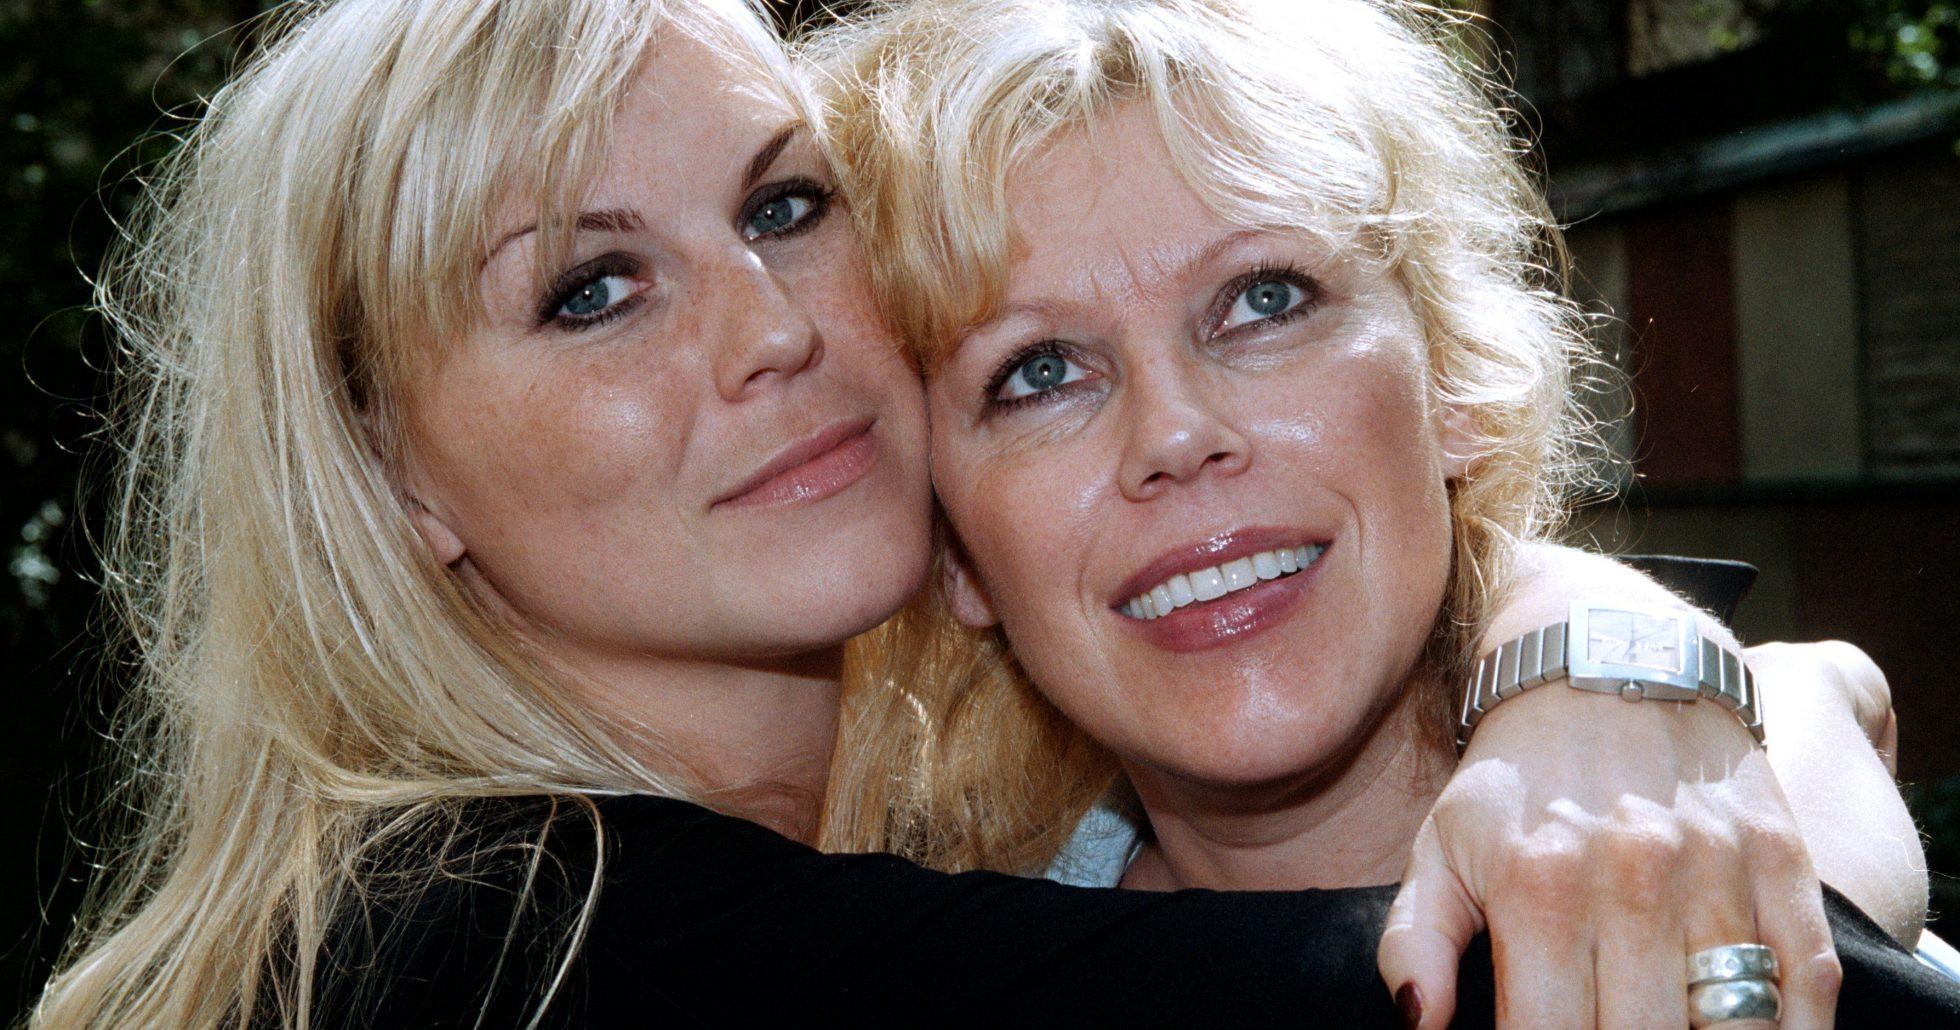 Josefin Nilsson hittades död av sin syster: